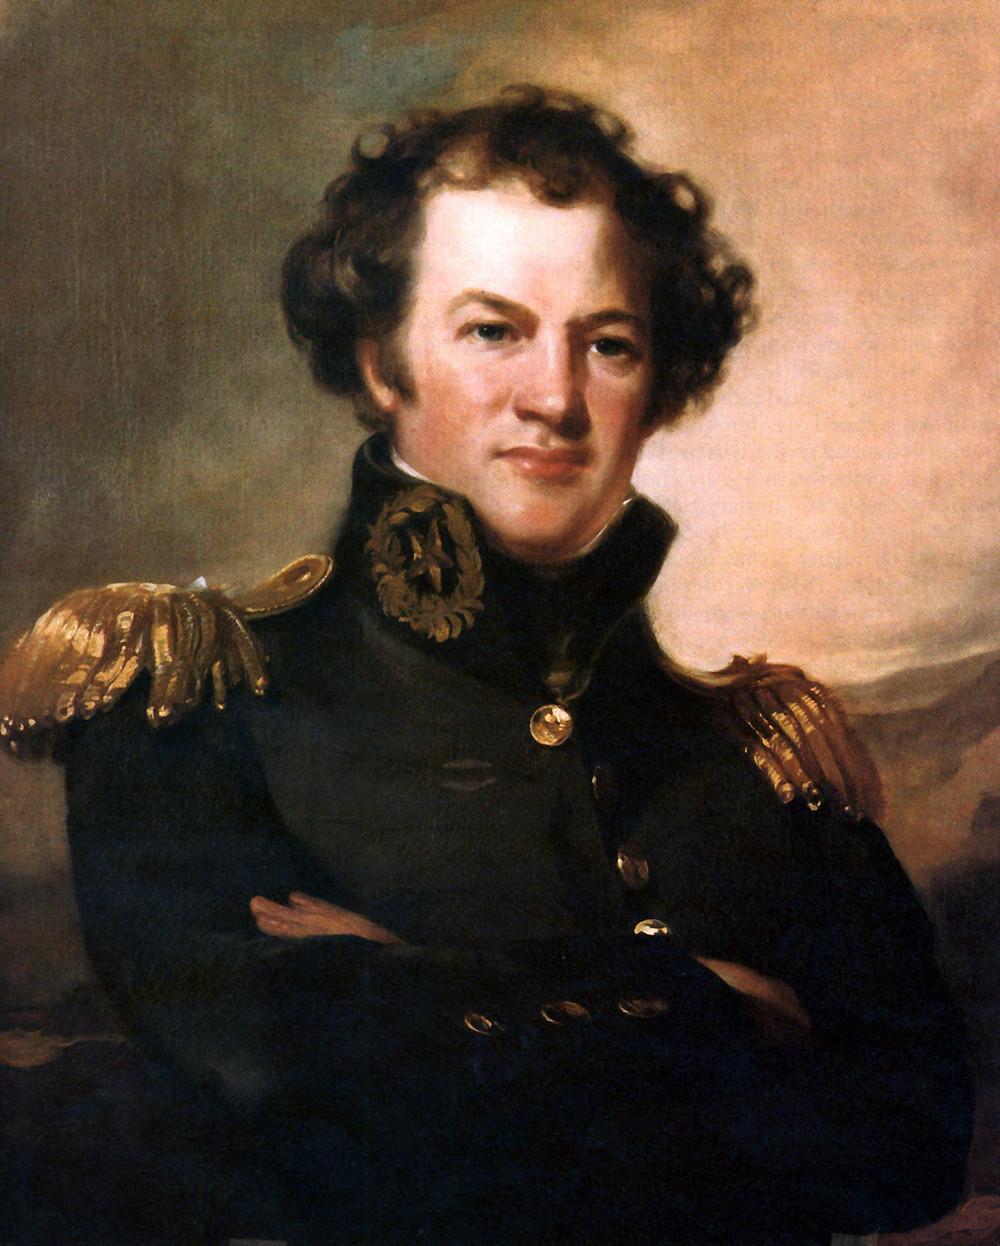 General Alexander Macomb